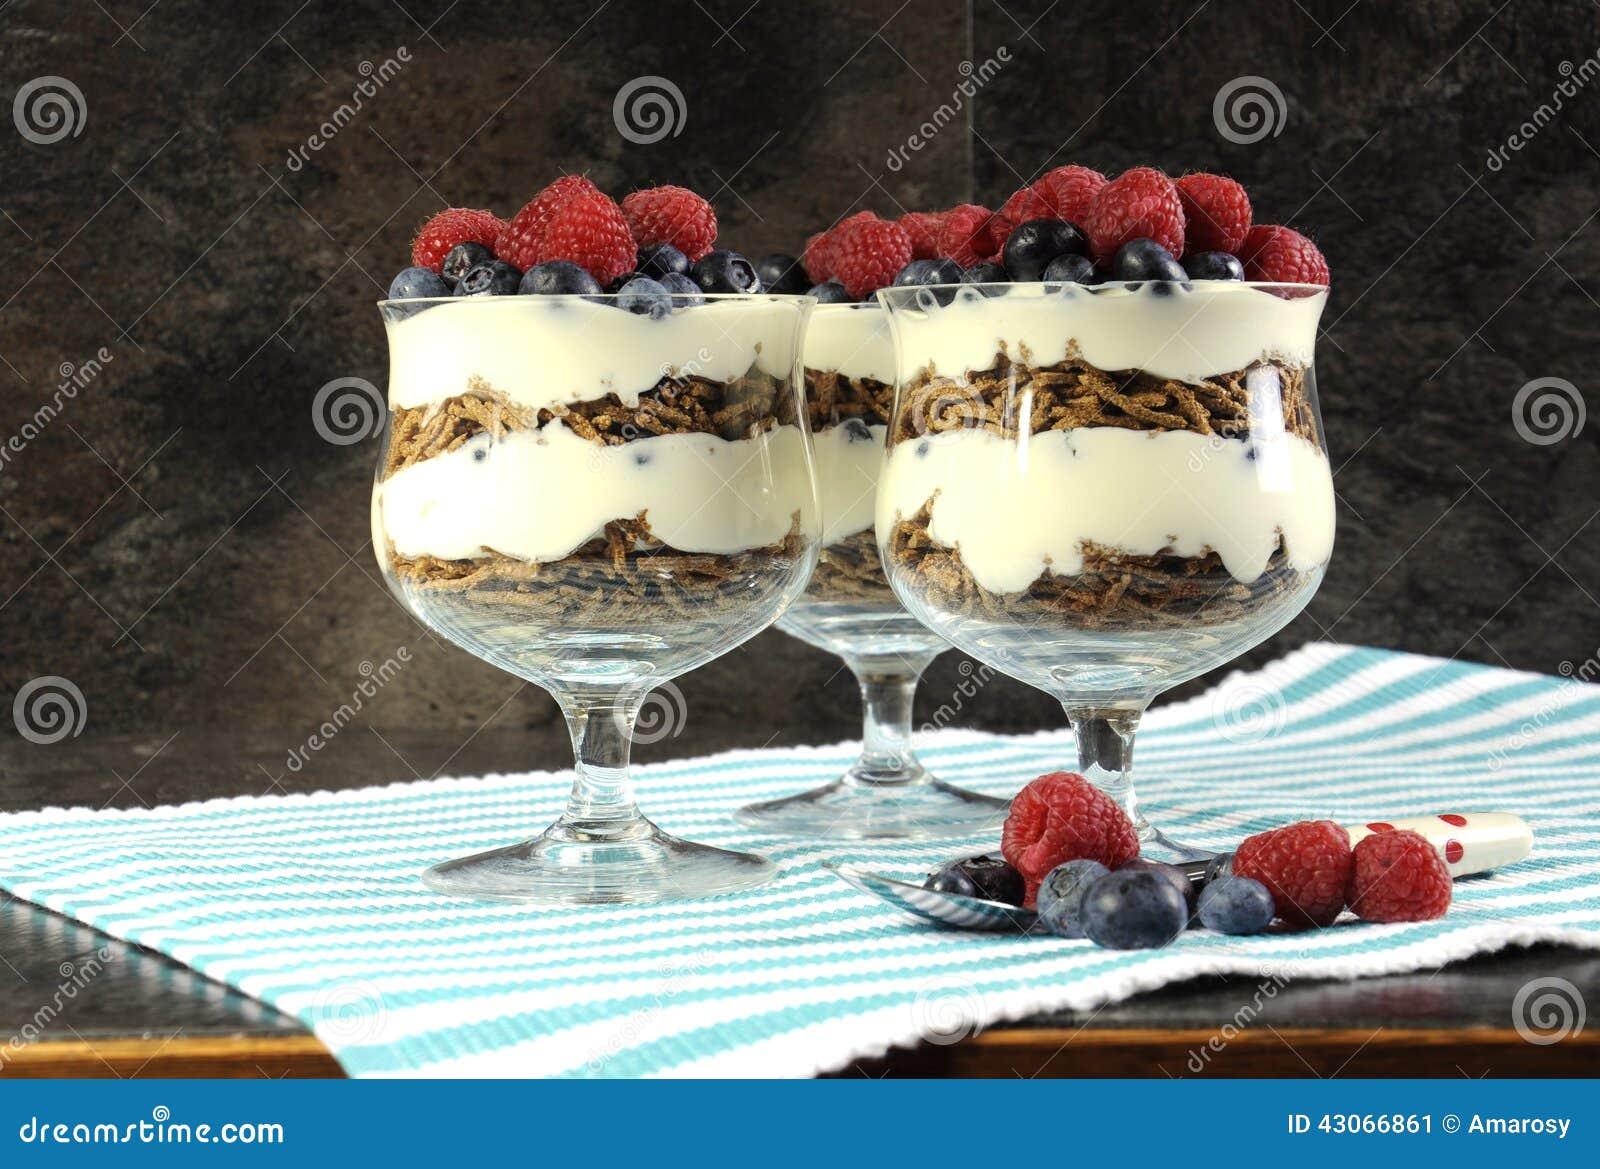 Zdrowej diety włókna wysoki żywienioniowy śniadanie z otrębiastymi zboża, jogurtu i jagod sundaes,